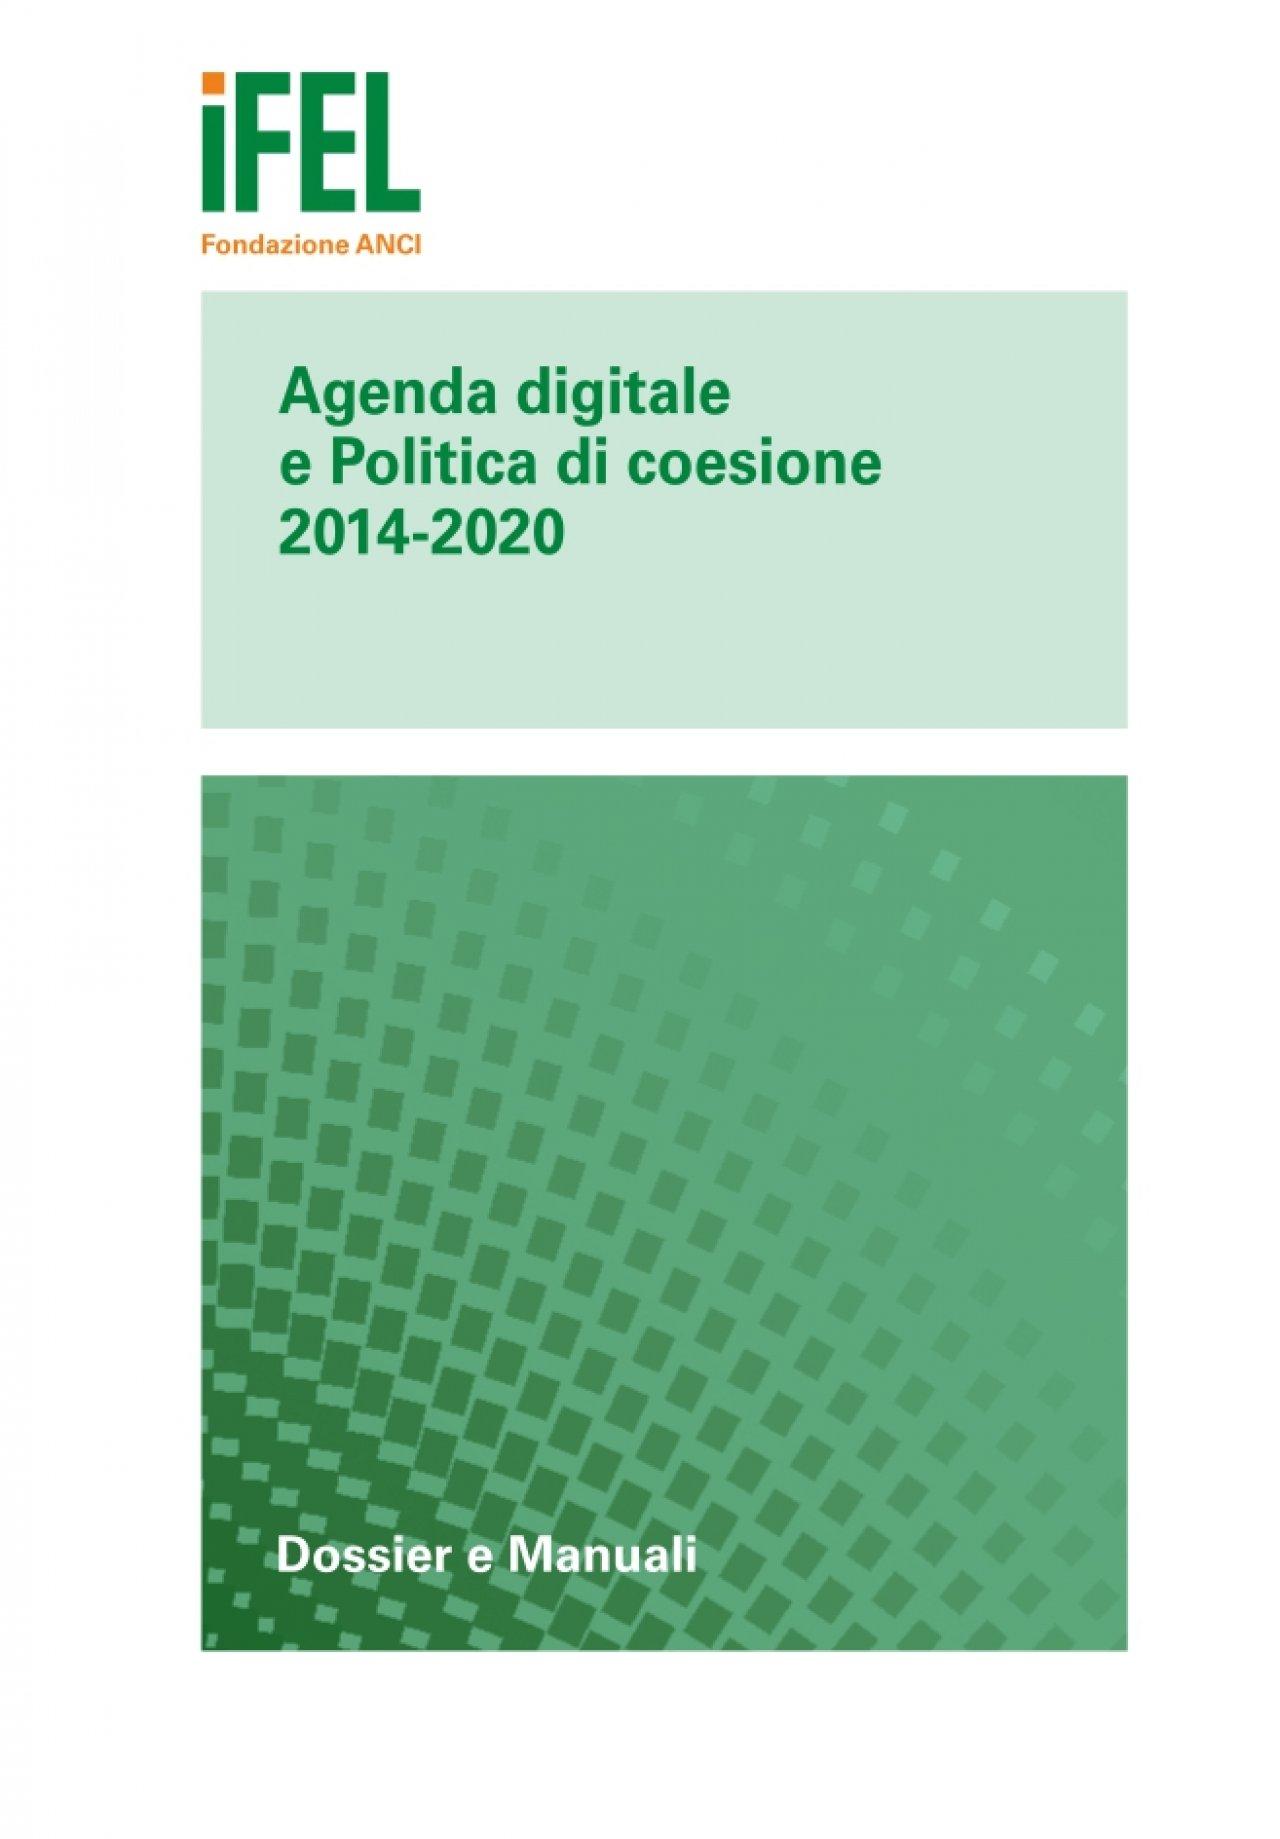 Agenda digitale e Politica di coesione 2014-2020